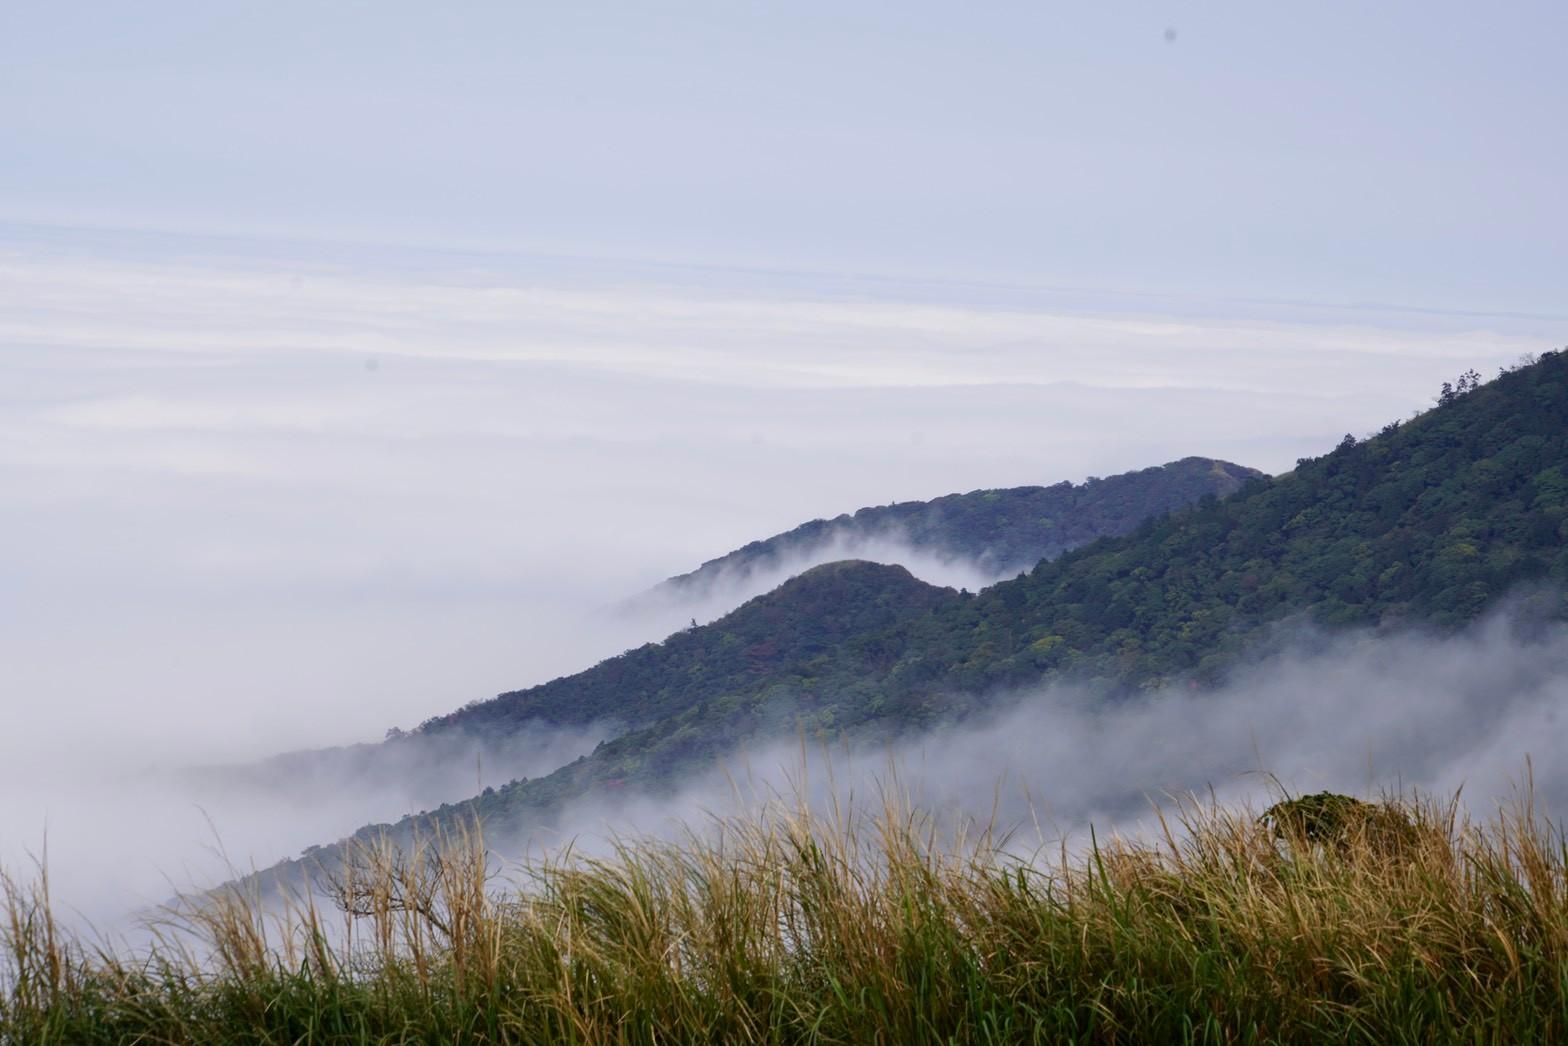 台北大縱走之第一段|從城市走到山裡 雲霧繚繞的山峰景色